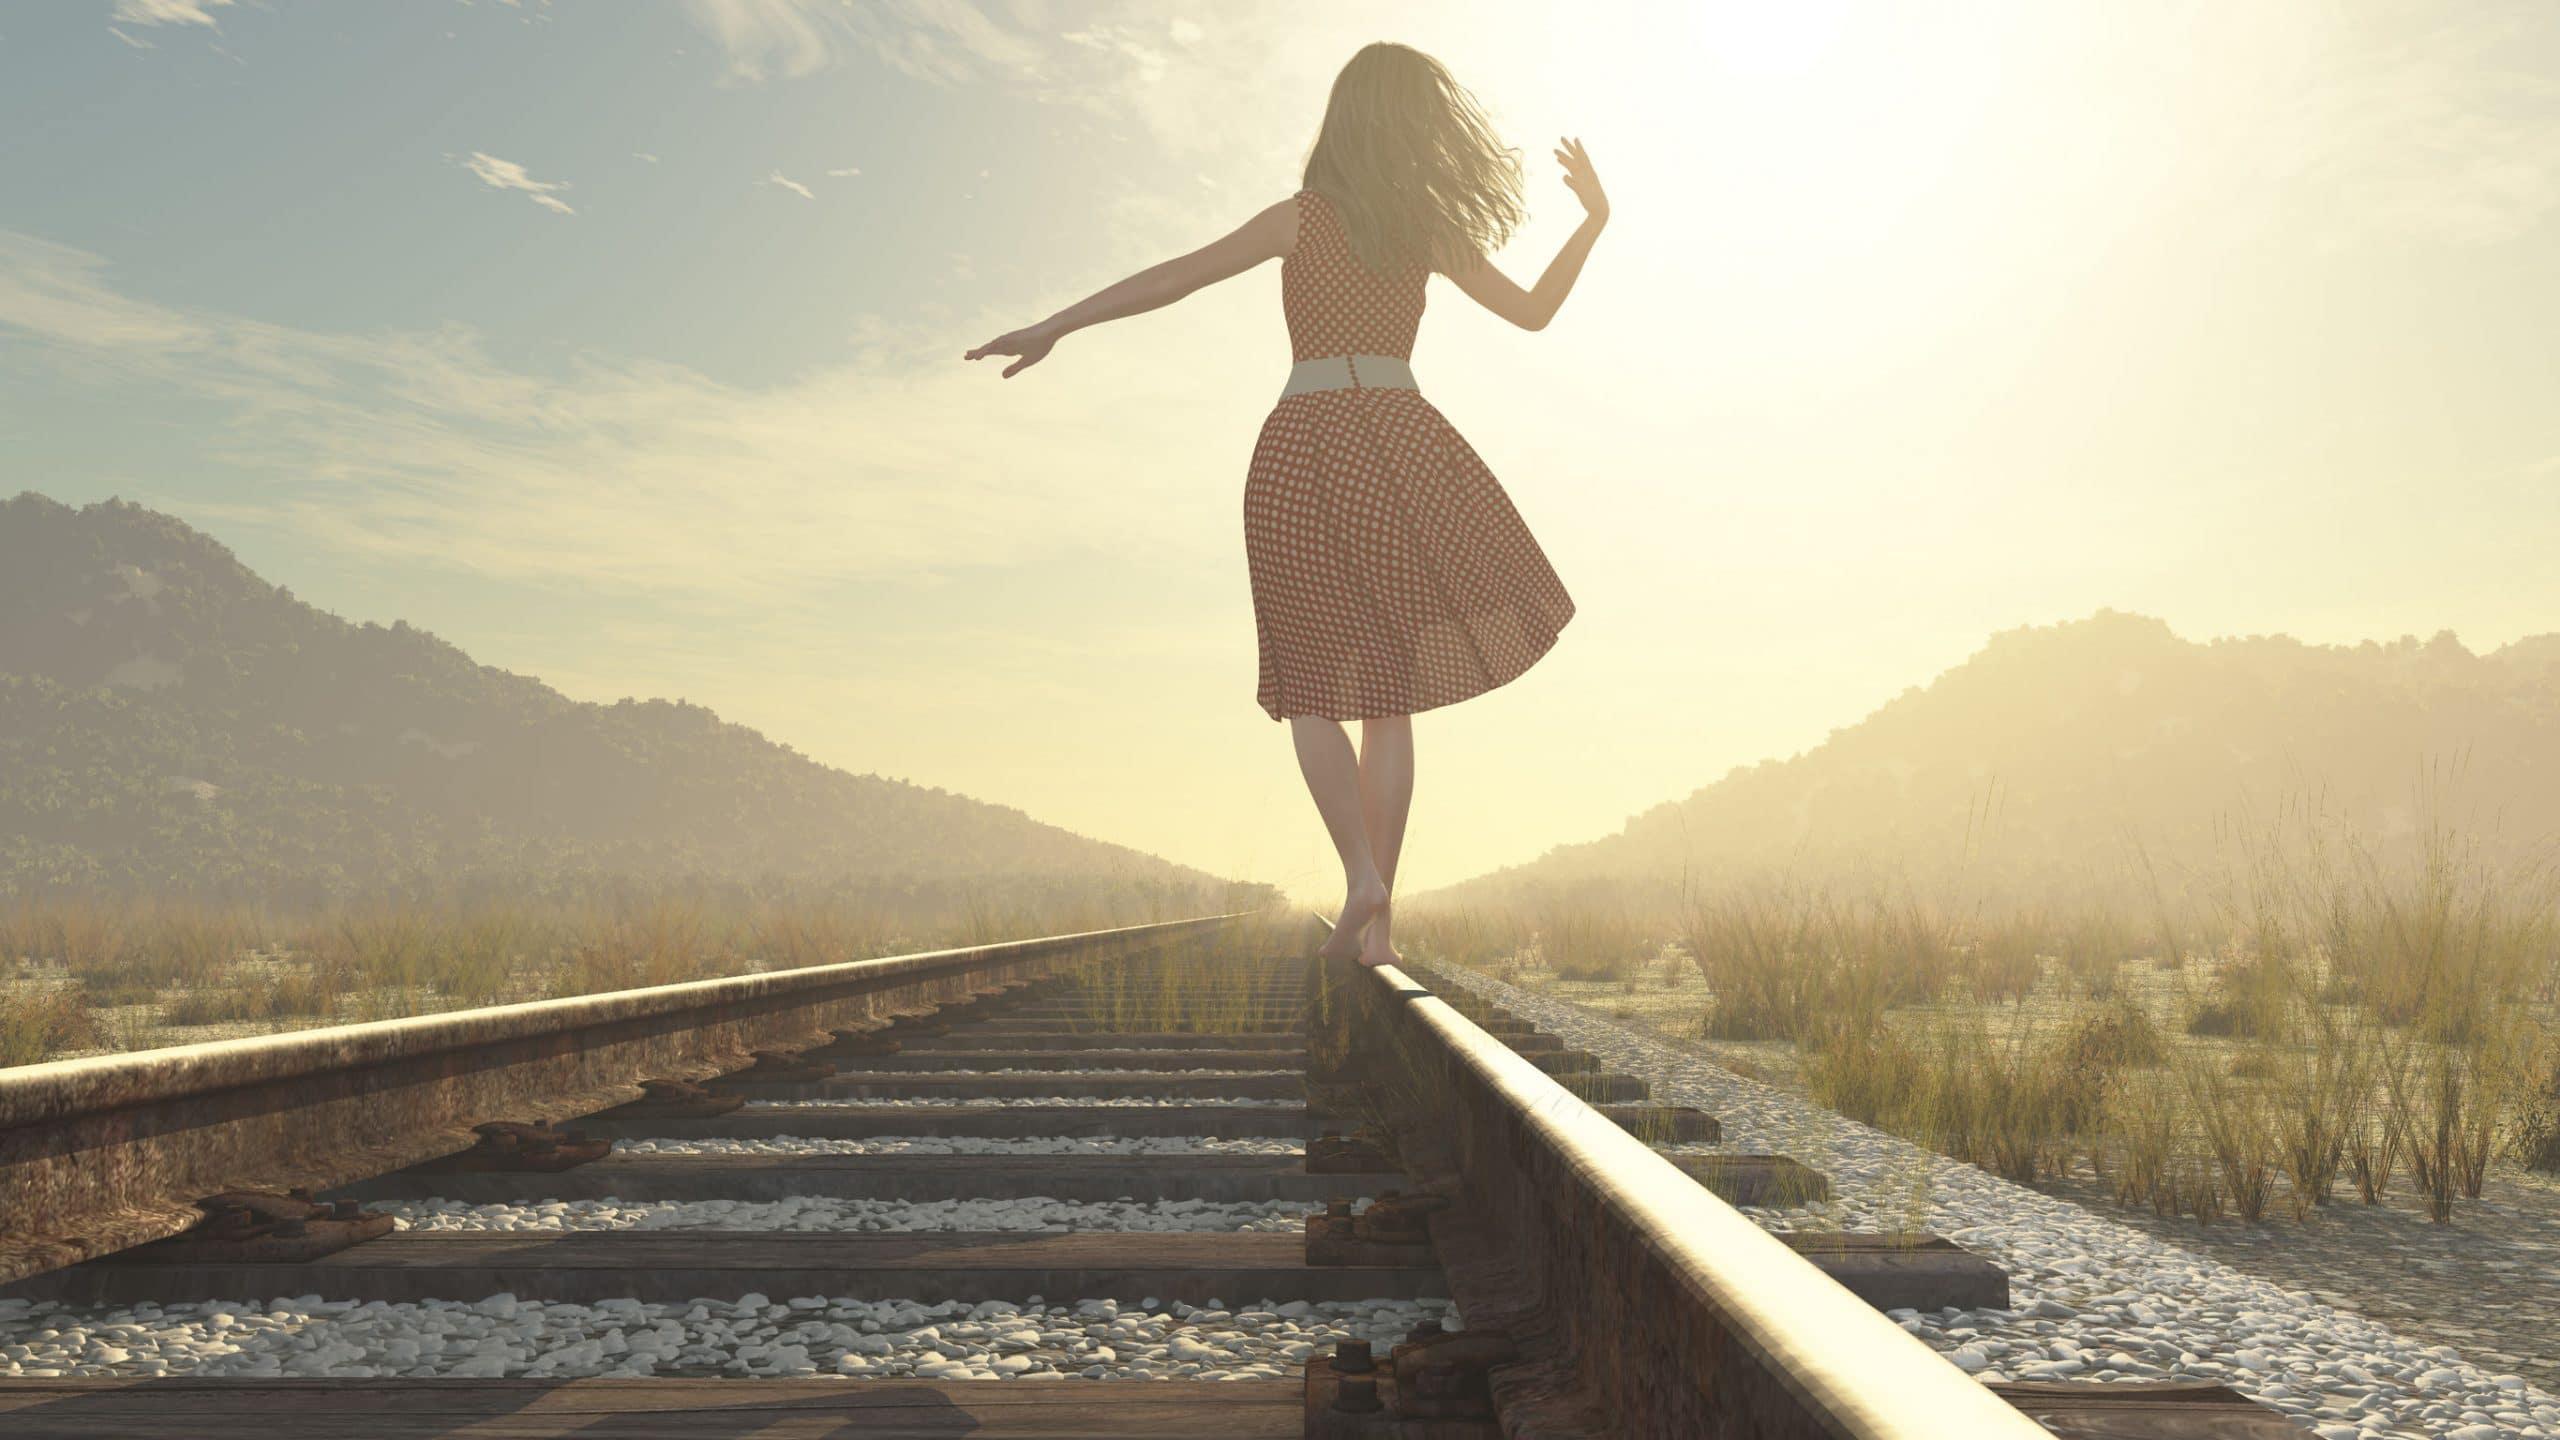 Mulher de vestido andando sobre os trilhos do trem.